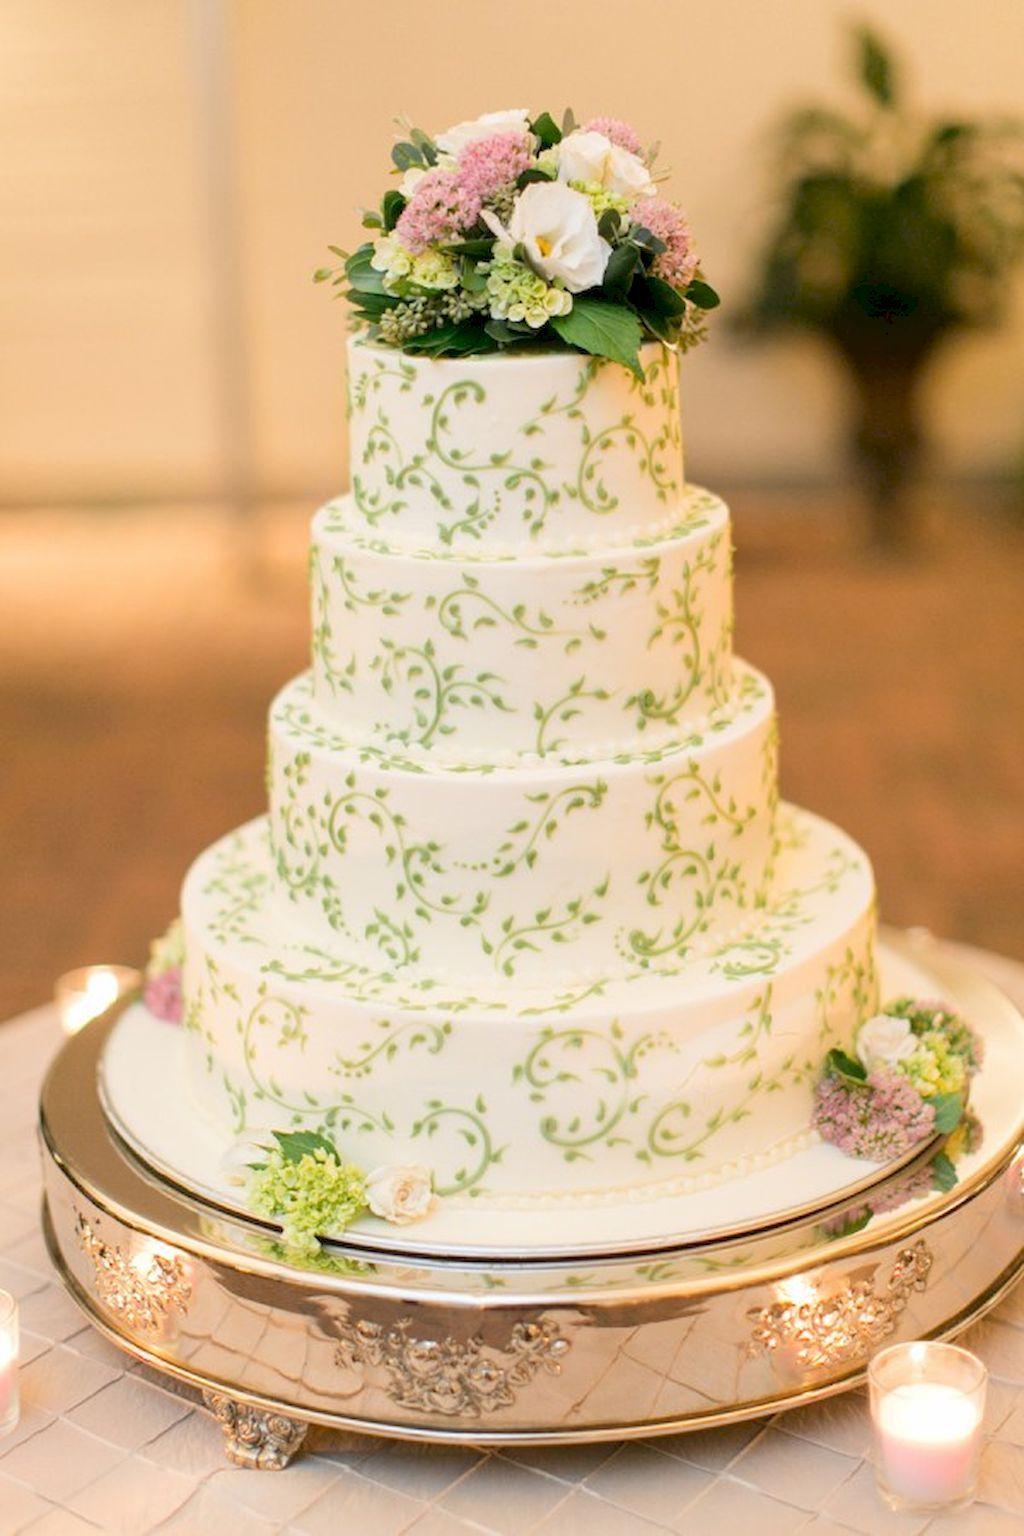 44 Awesome Greenery Wedding Cake Ideas | Pinterest | Wedding cake ...